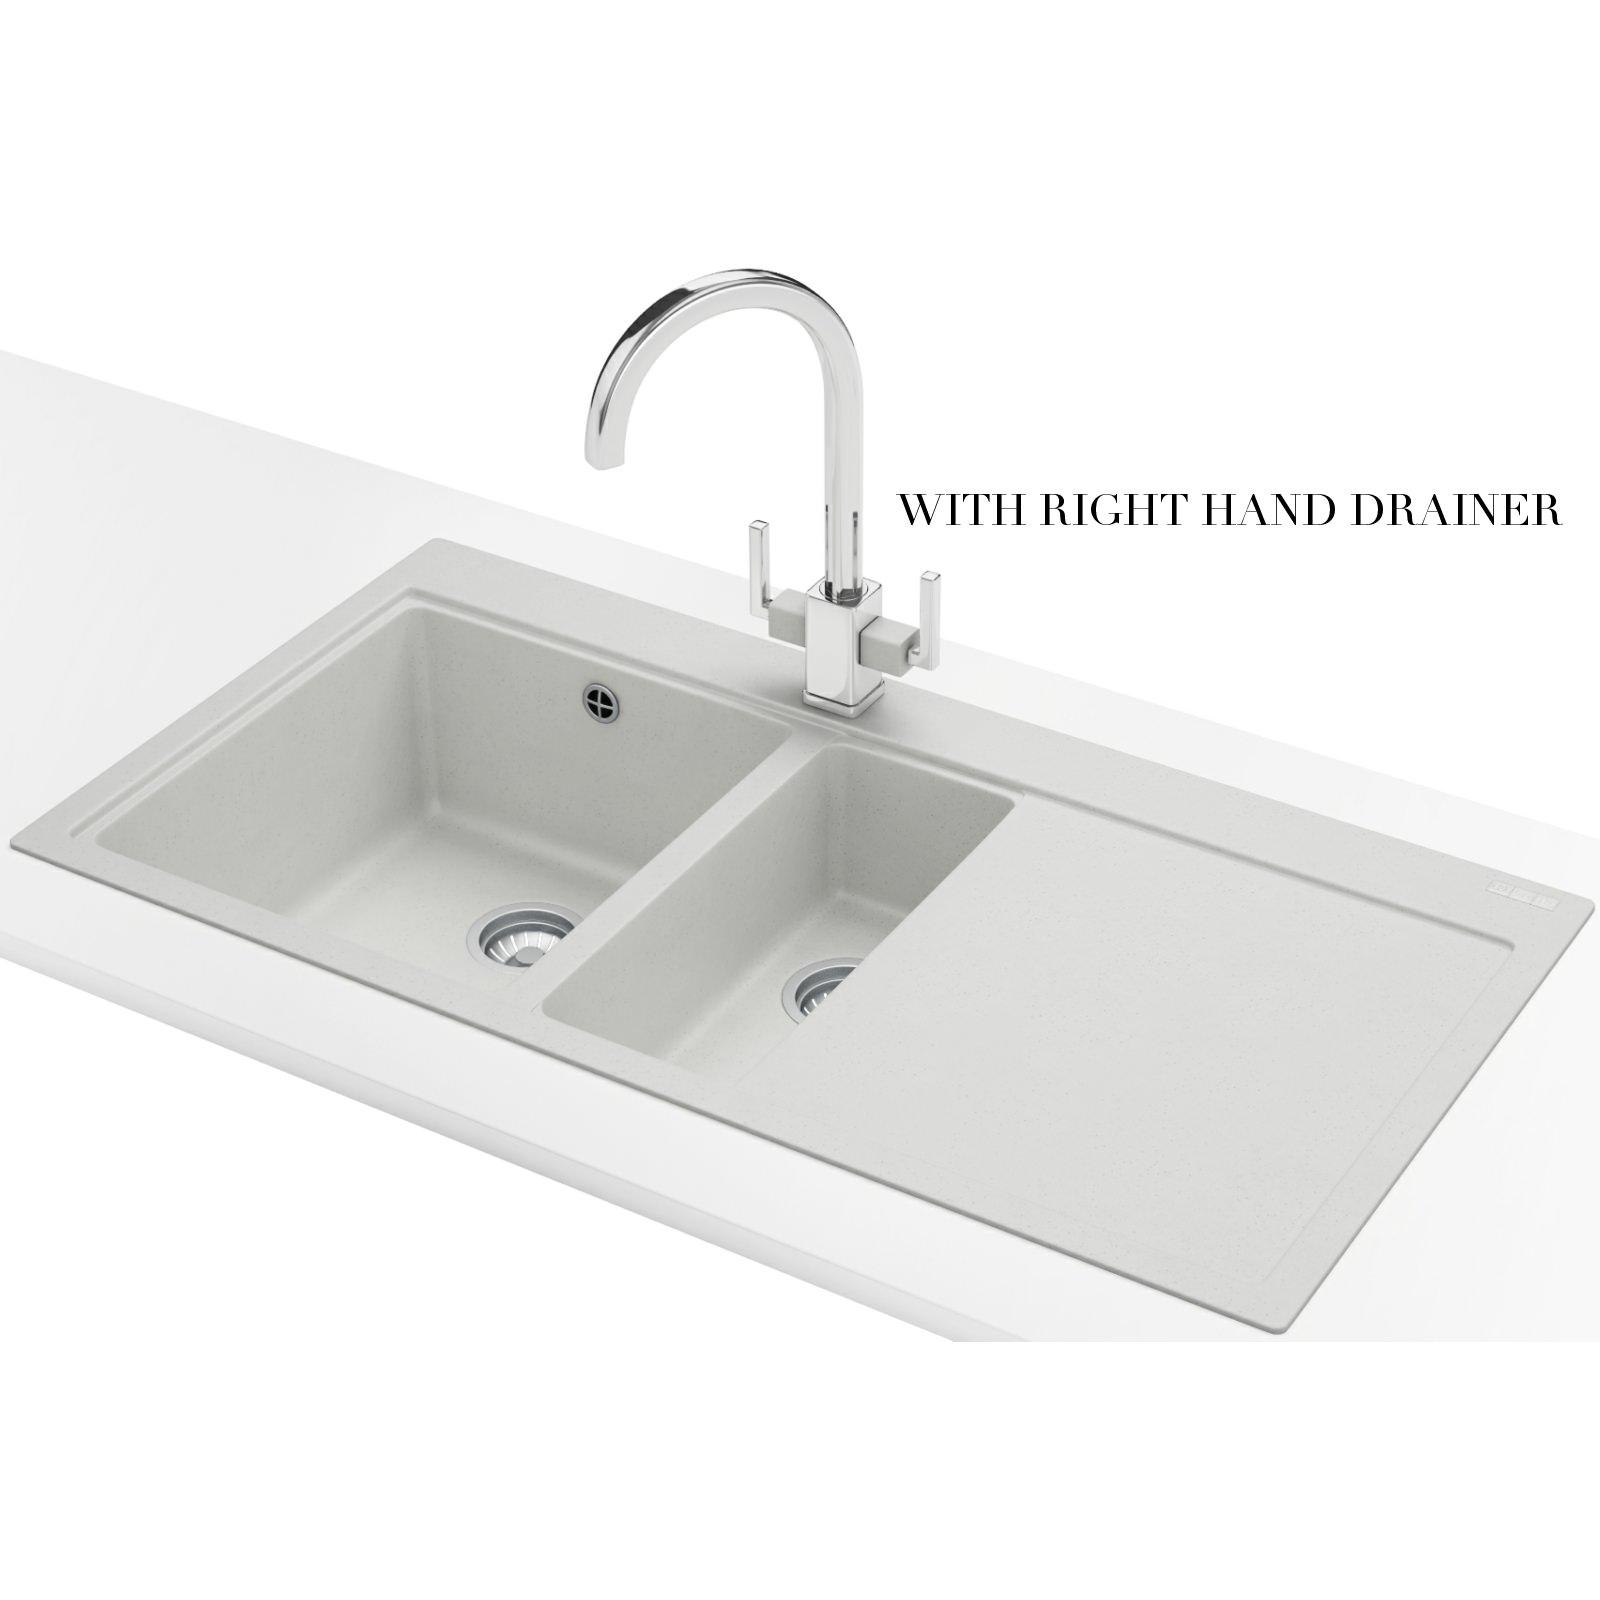 Franke Fragranite Sink Review : ... Franke Mythos Designer Pack MTG 651-100 Fragranite Polar White Sink